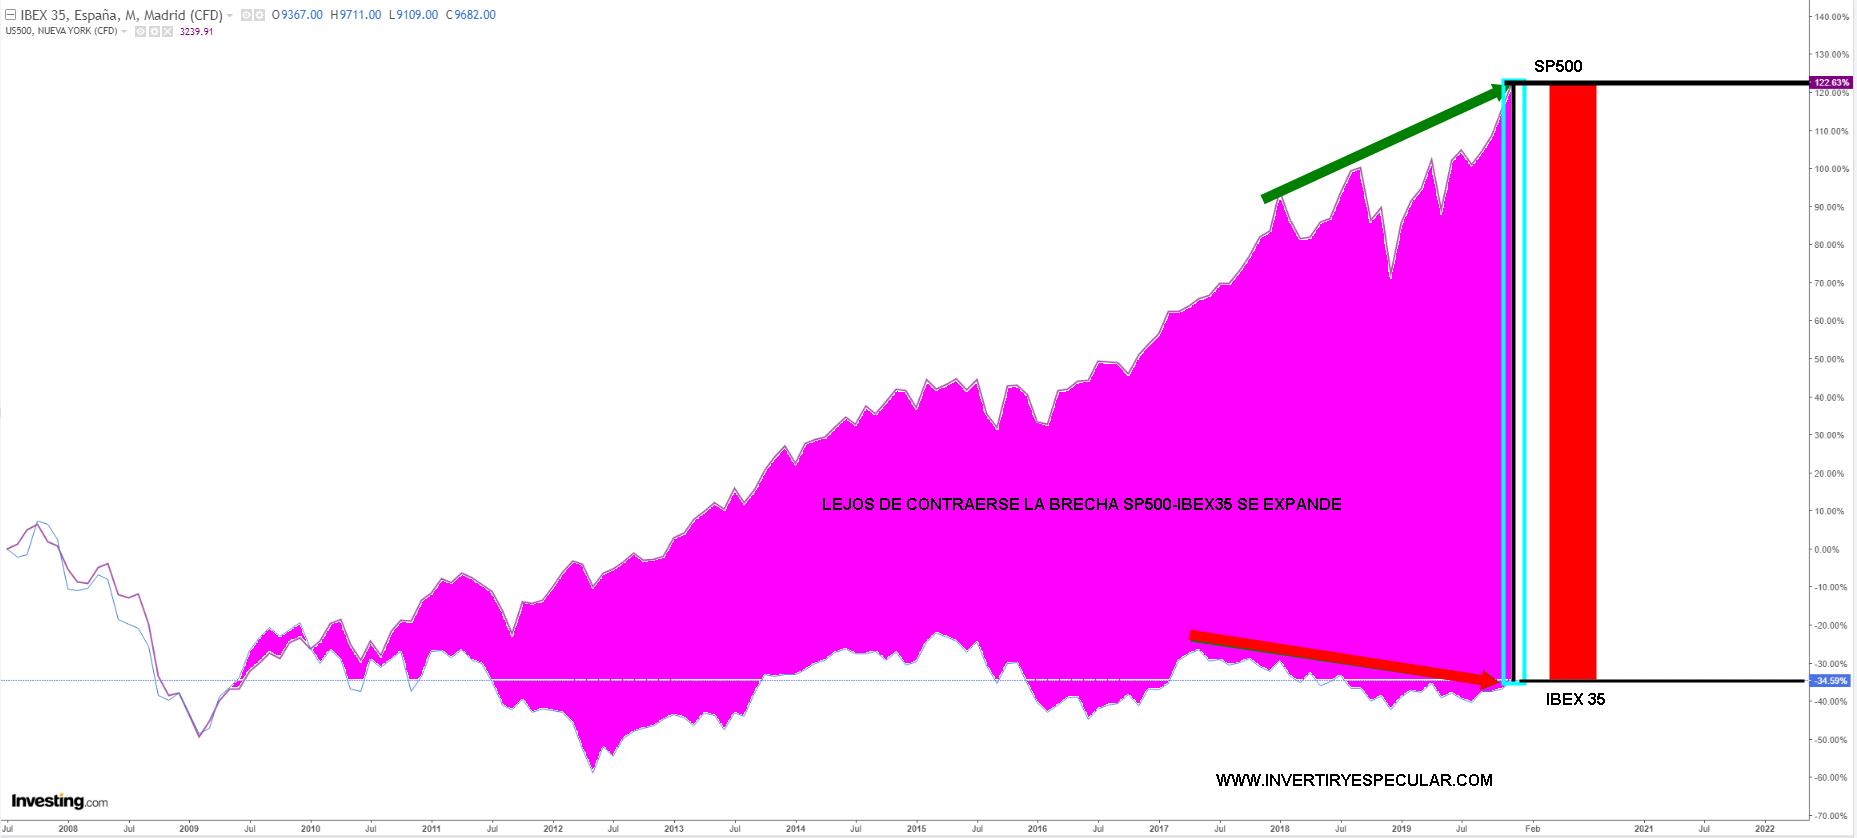 La brecha entre las series del SP500 e IBEX no deja de aumentar